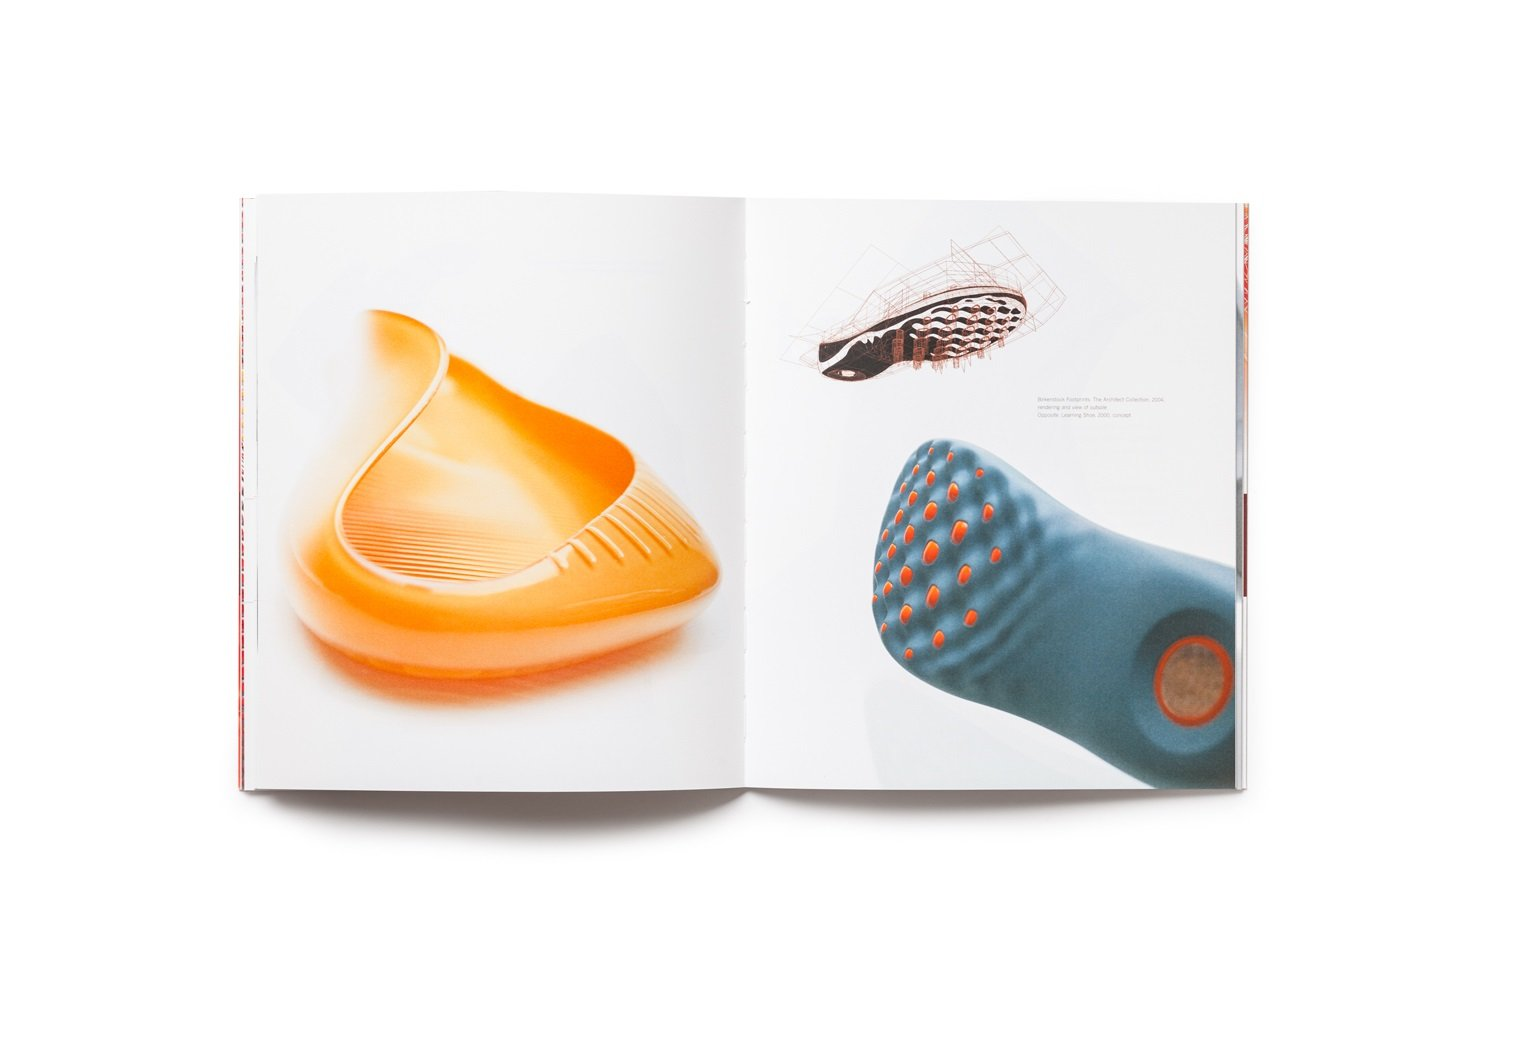 Yves Béhar fuseproject: design series 2publication pages 24-25